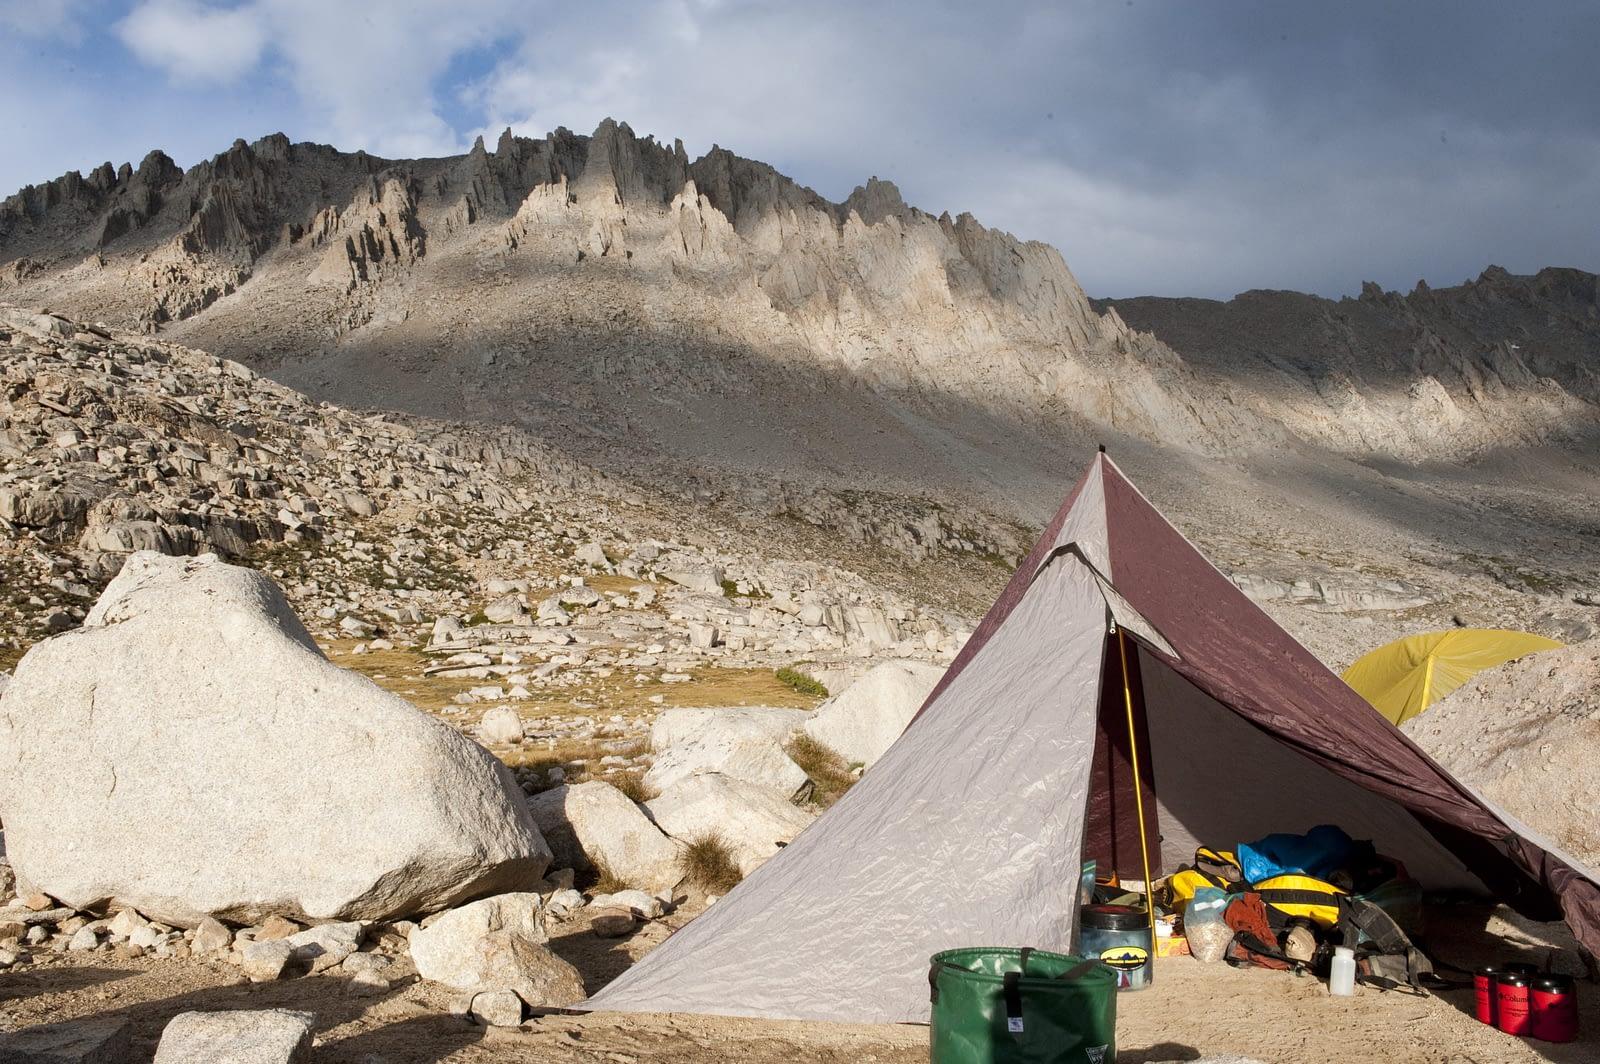 Backpacking Tarp Shelter